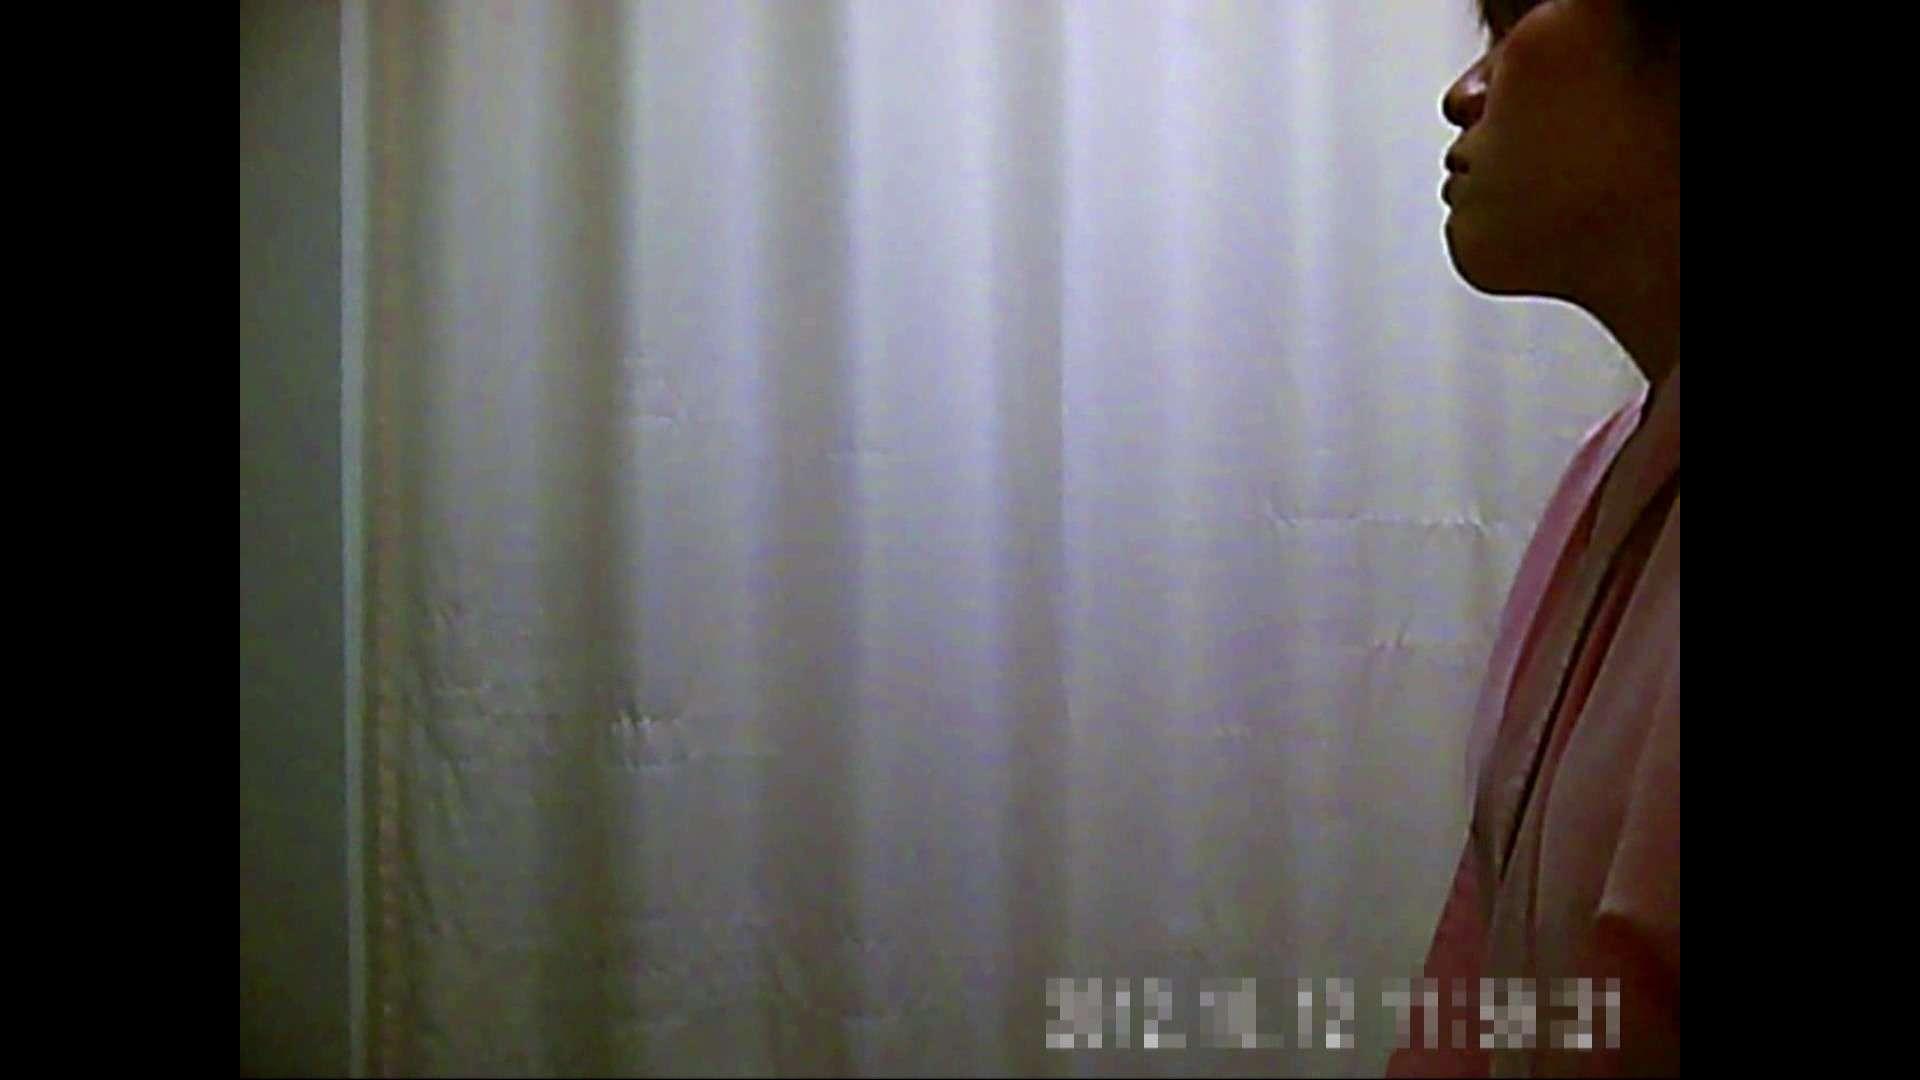 病院おもいっきり着替え! vol.234 おっぱい 隠し撮りオマンコ動画紹介 81PIX 10